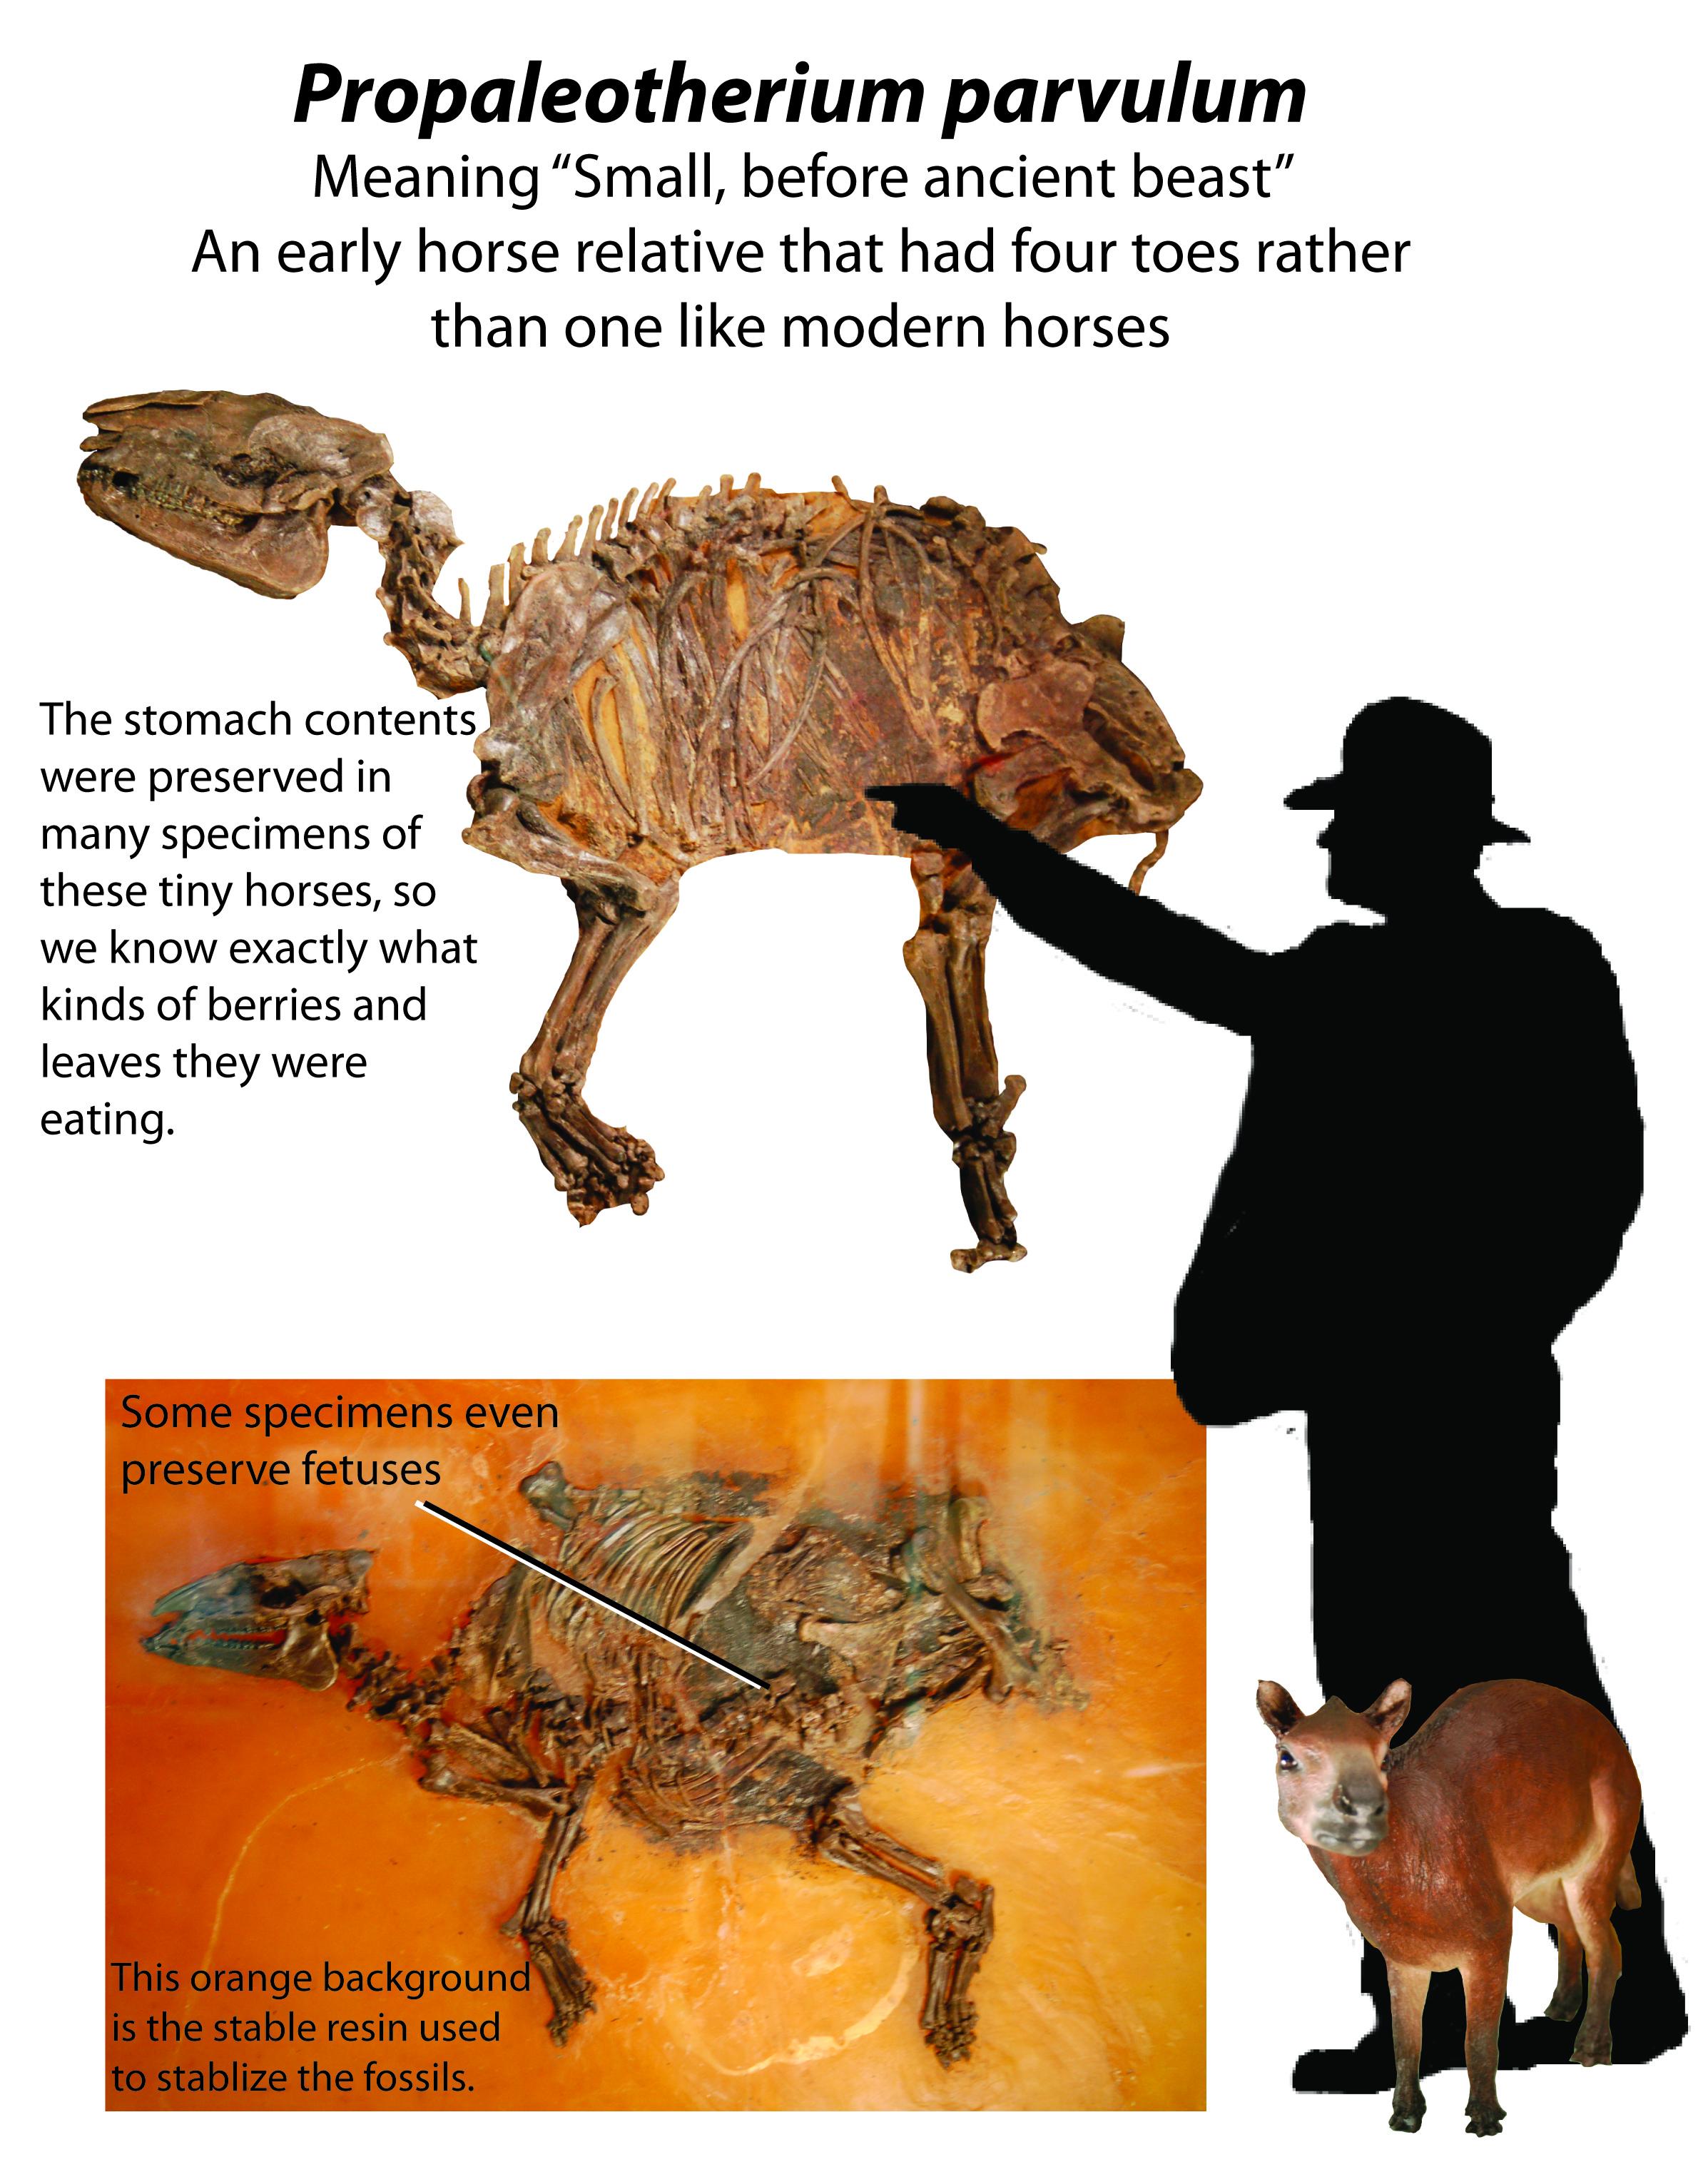 Propaleotherium